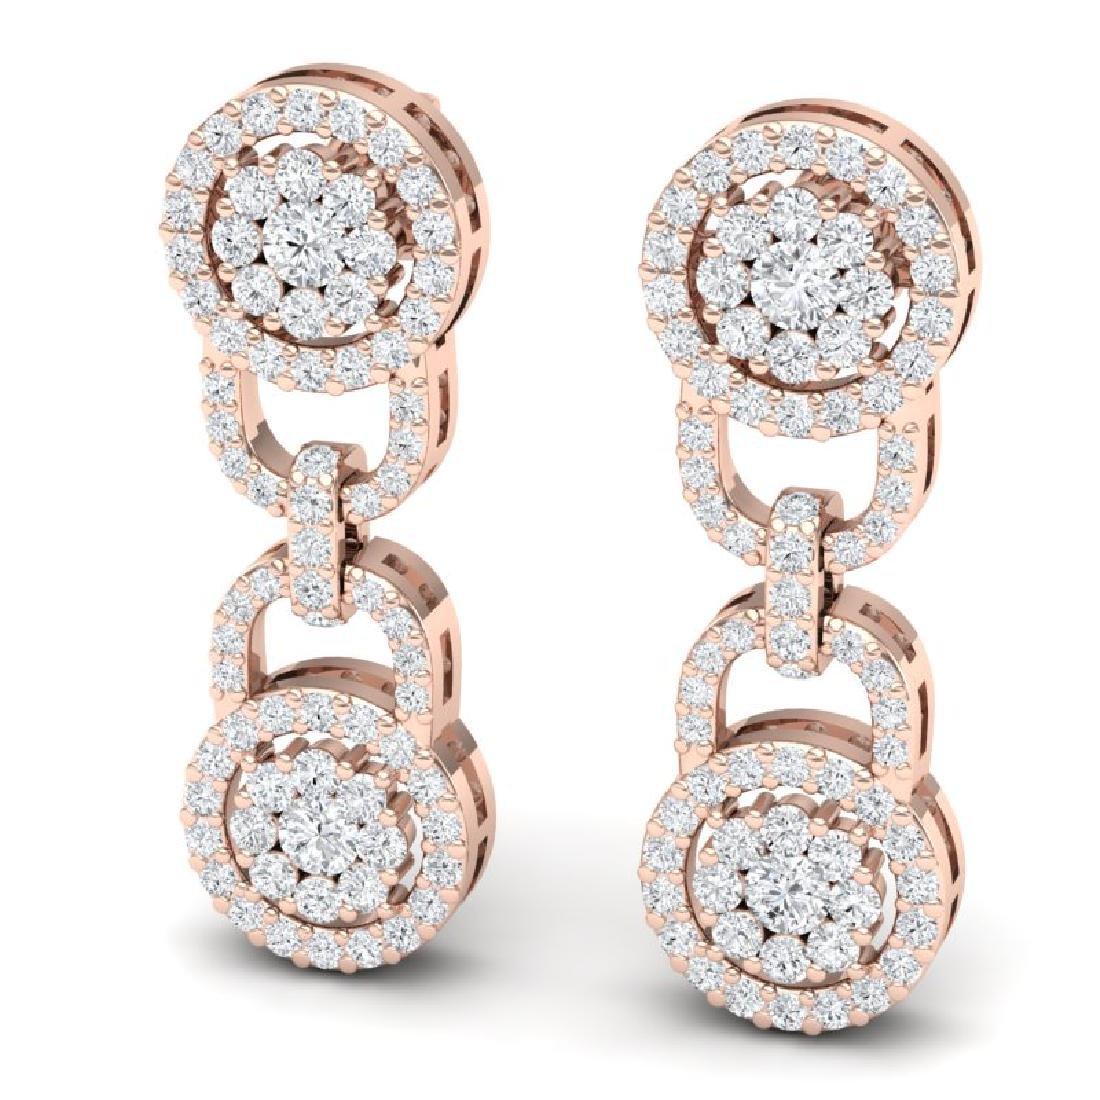 2.30 CTW Certified SI/I Diamond Halo Earrings 18K Rose - 2